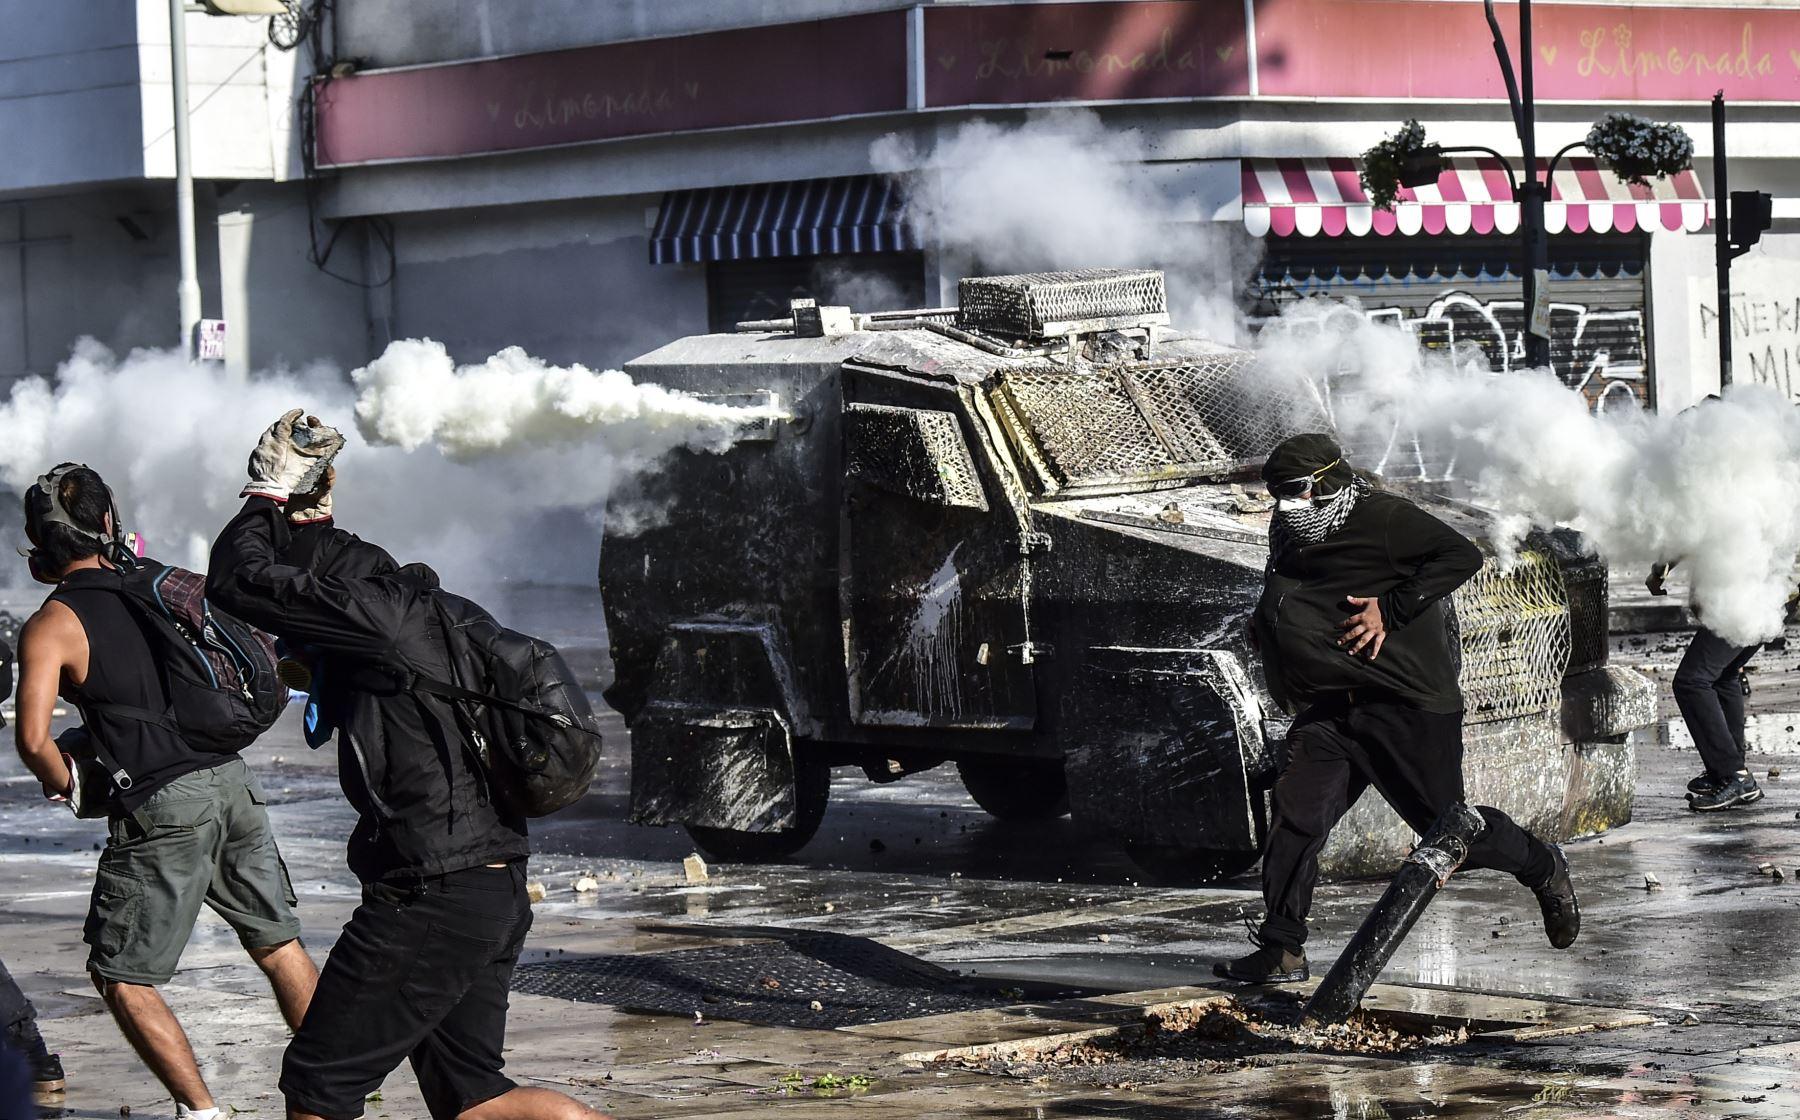 Los manifestantes se enfrentan con la policía durante una protesta contra el gobierno del presidente chileno Sebastián Piñera en Viña del Mar, durante el Festival de Música de Viña del Mar. Foto: AFP